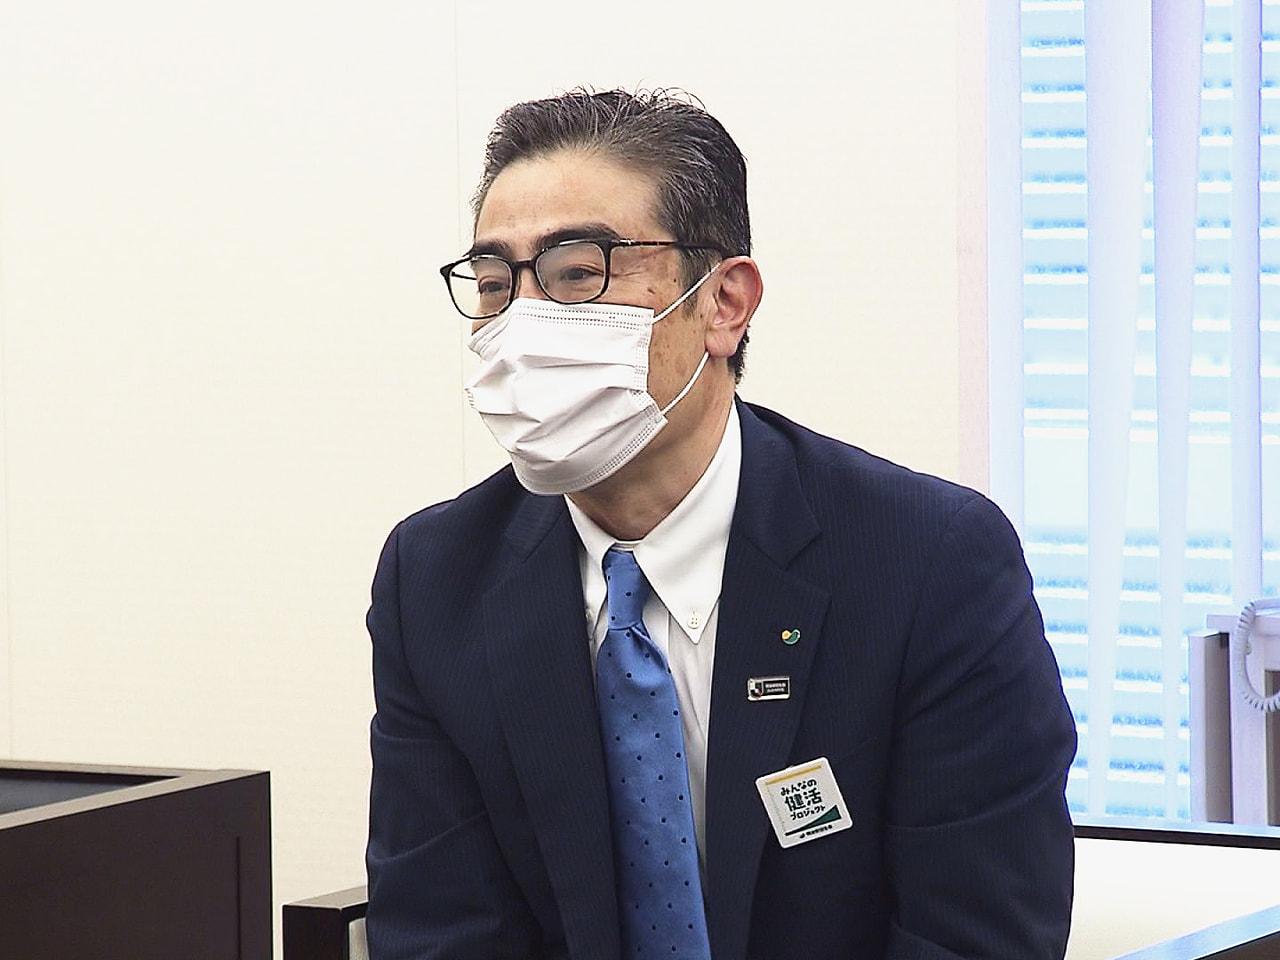 明治安田生命保険の若林稔執行役員総合法人業務部長が岐阜放送を訪れ、今後も地域に密...